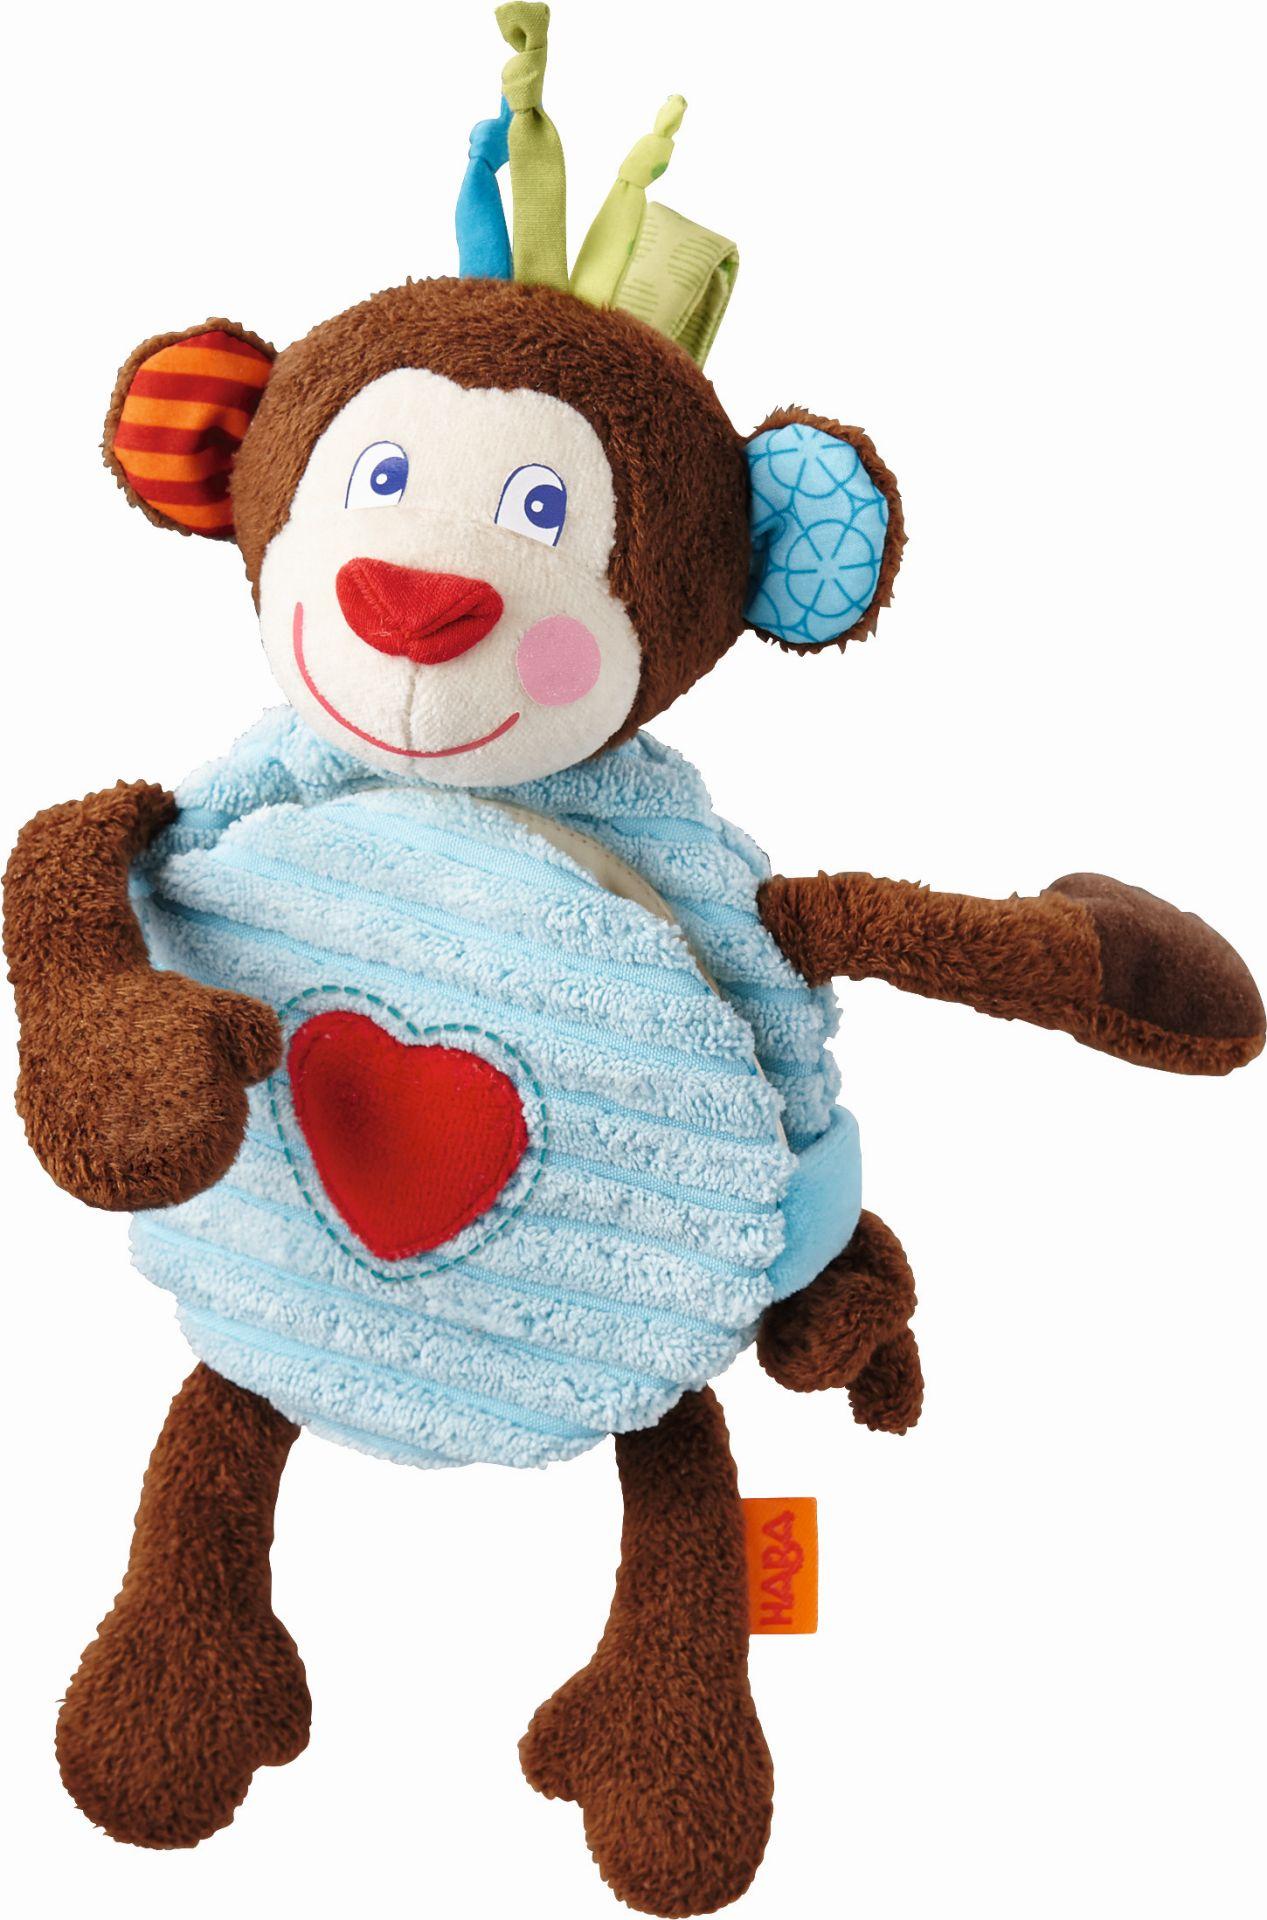 haba stoffbuch affe lino online kaufen bei kidsroom spielzeug babyspielzeug. Black Bedroom Furniture Sets. Home Design Ideas